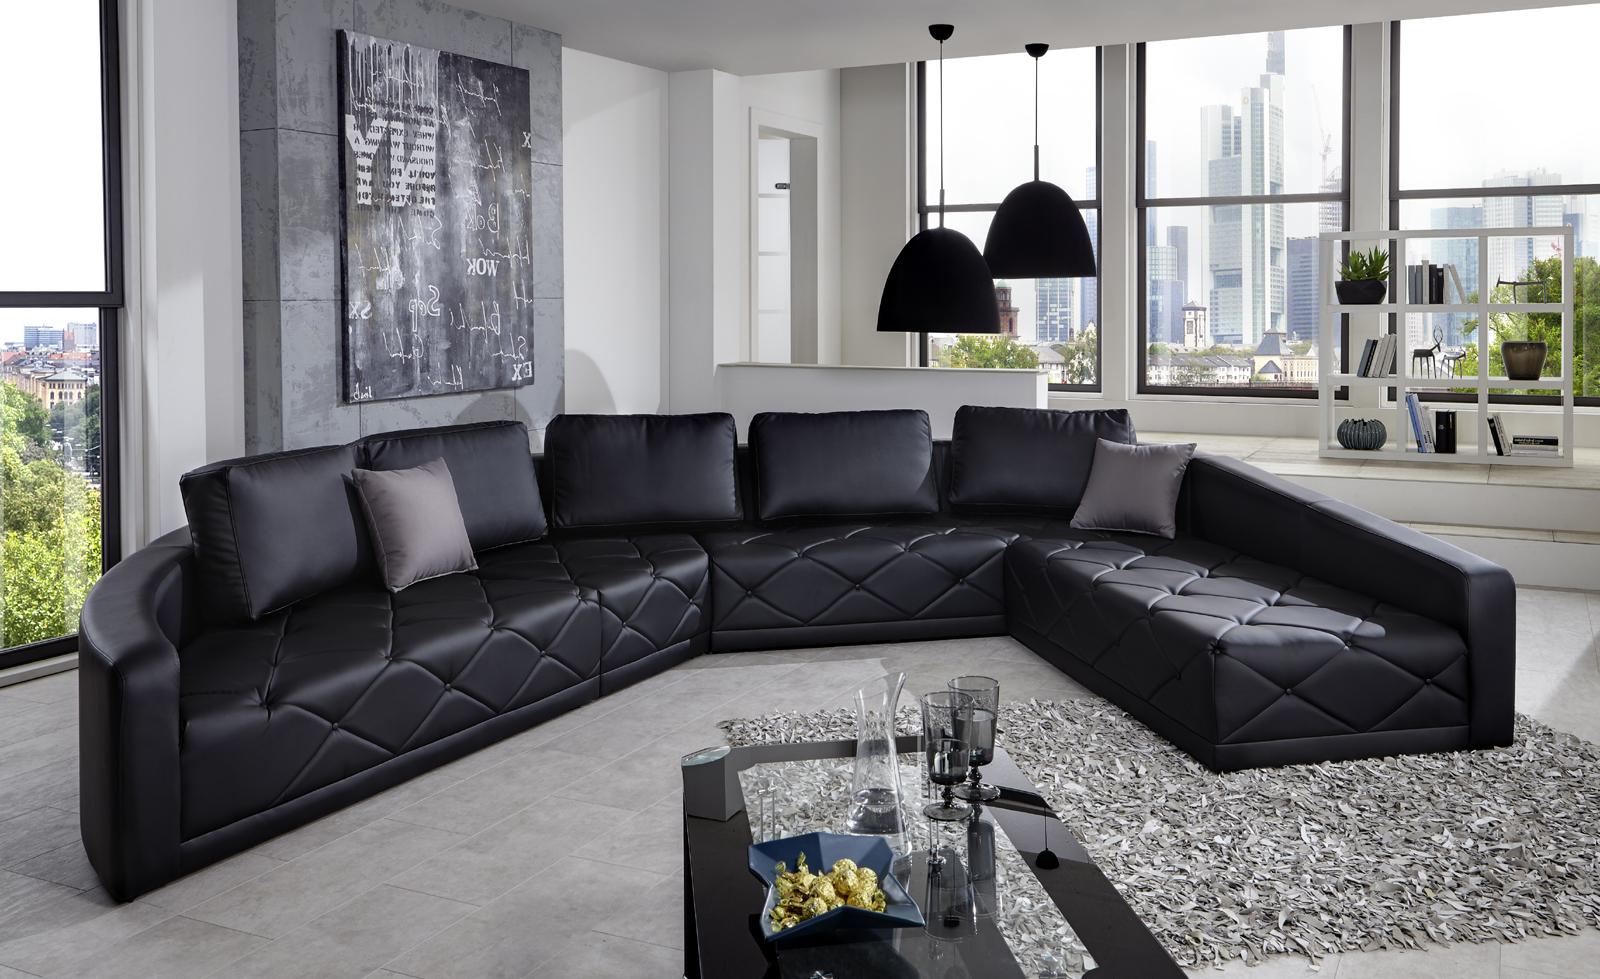 sam design couch schwarz wohnlandschaft nero 380 x 290 cm. Black Bedroom Furniture Sets. Home Design Ideas